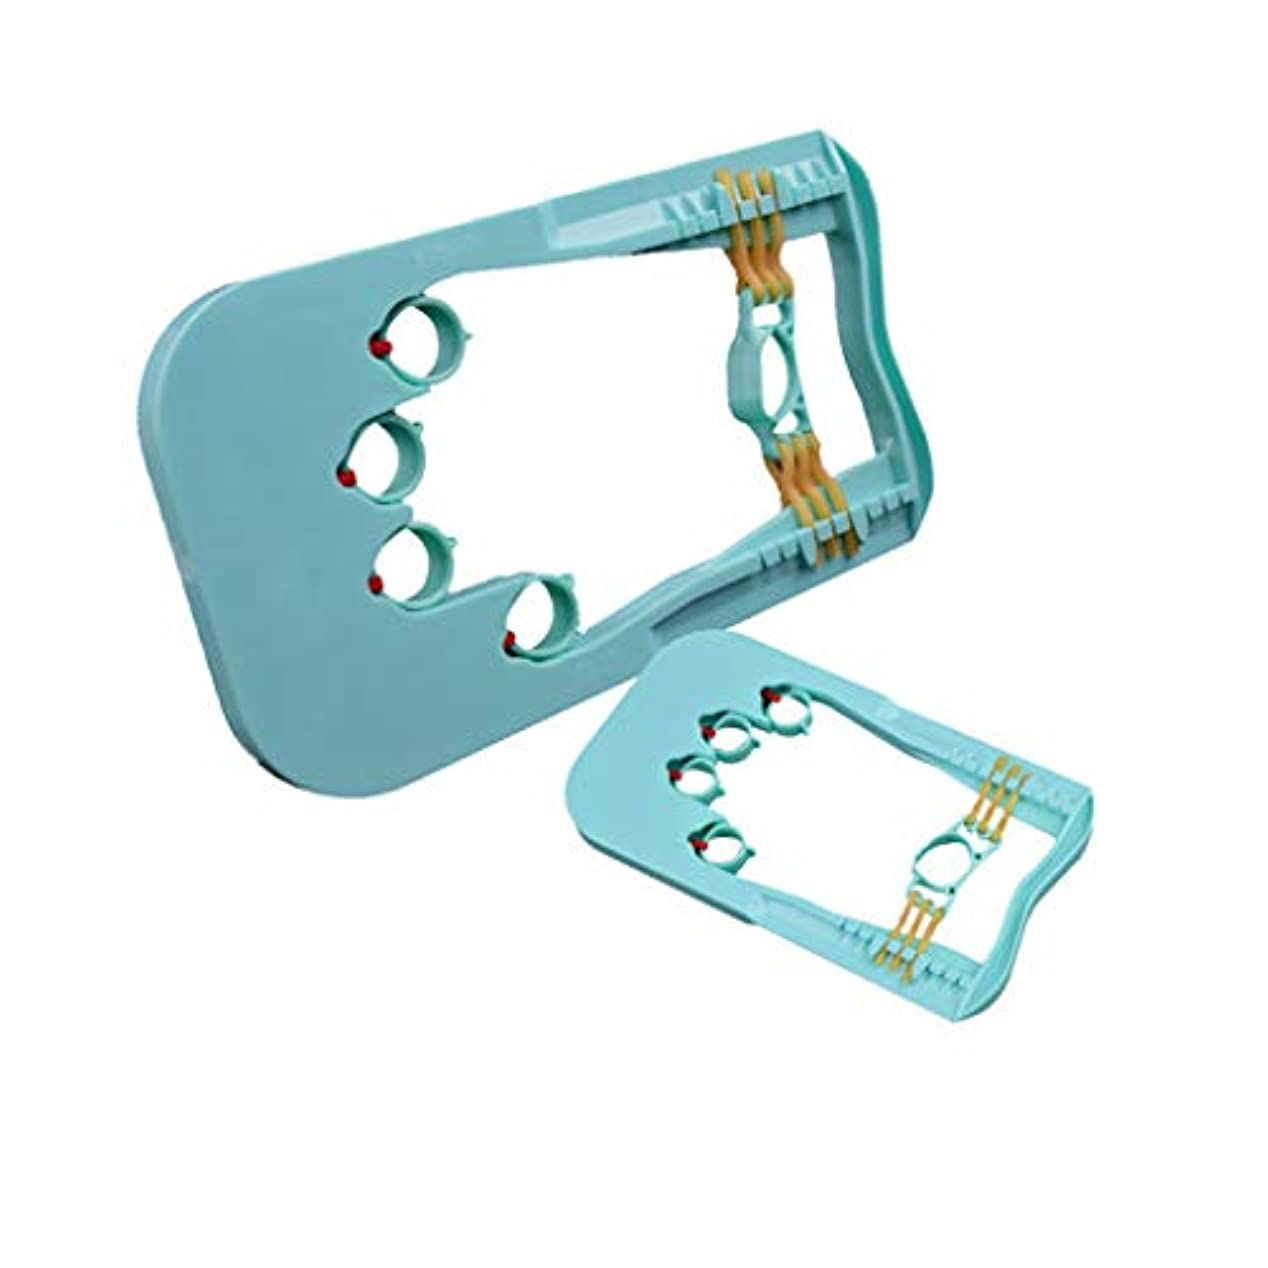 グラム人赤指サポートトレーニングブレースマレットブレーストリガーフィンガー関節炎と靭帯の痛みフィンガーエクステンションスプリント